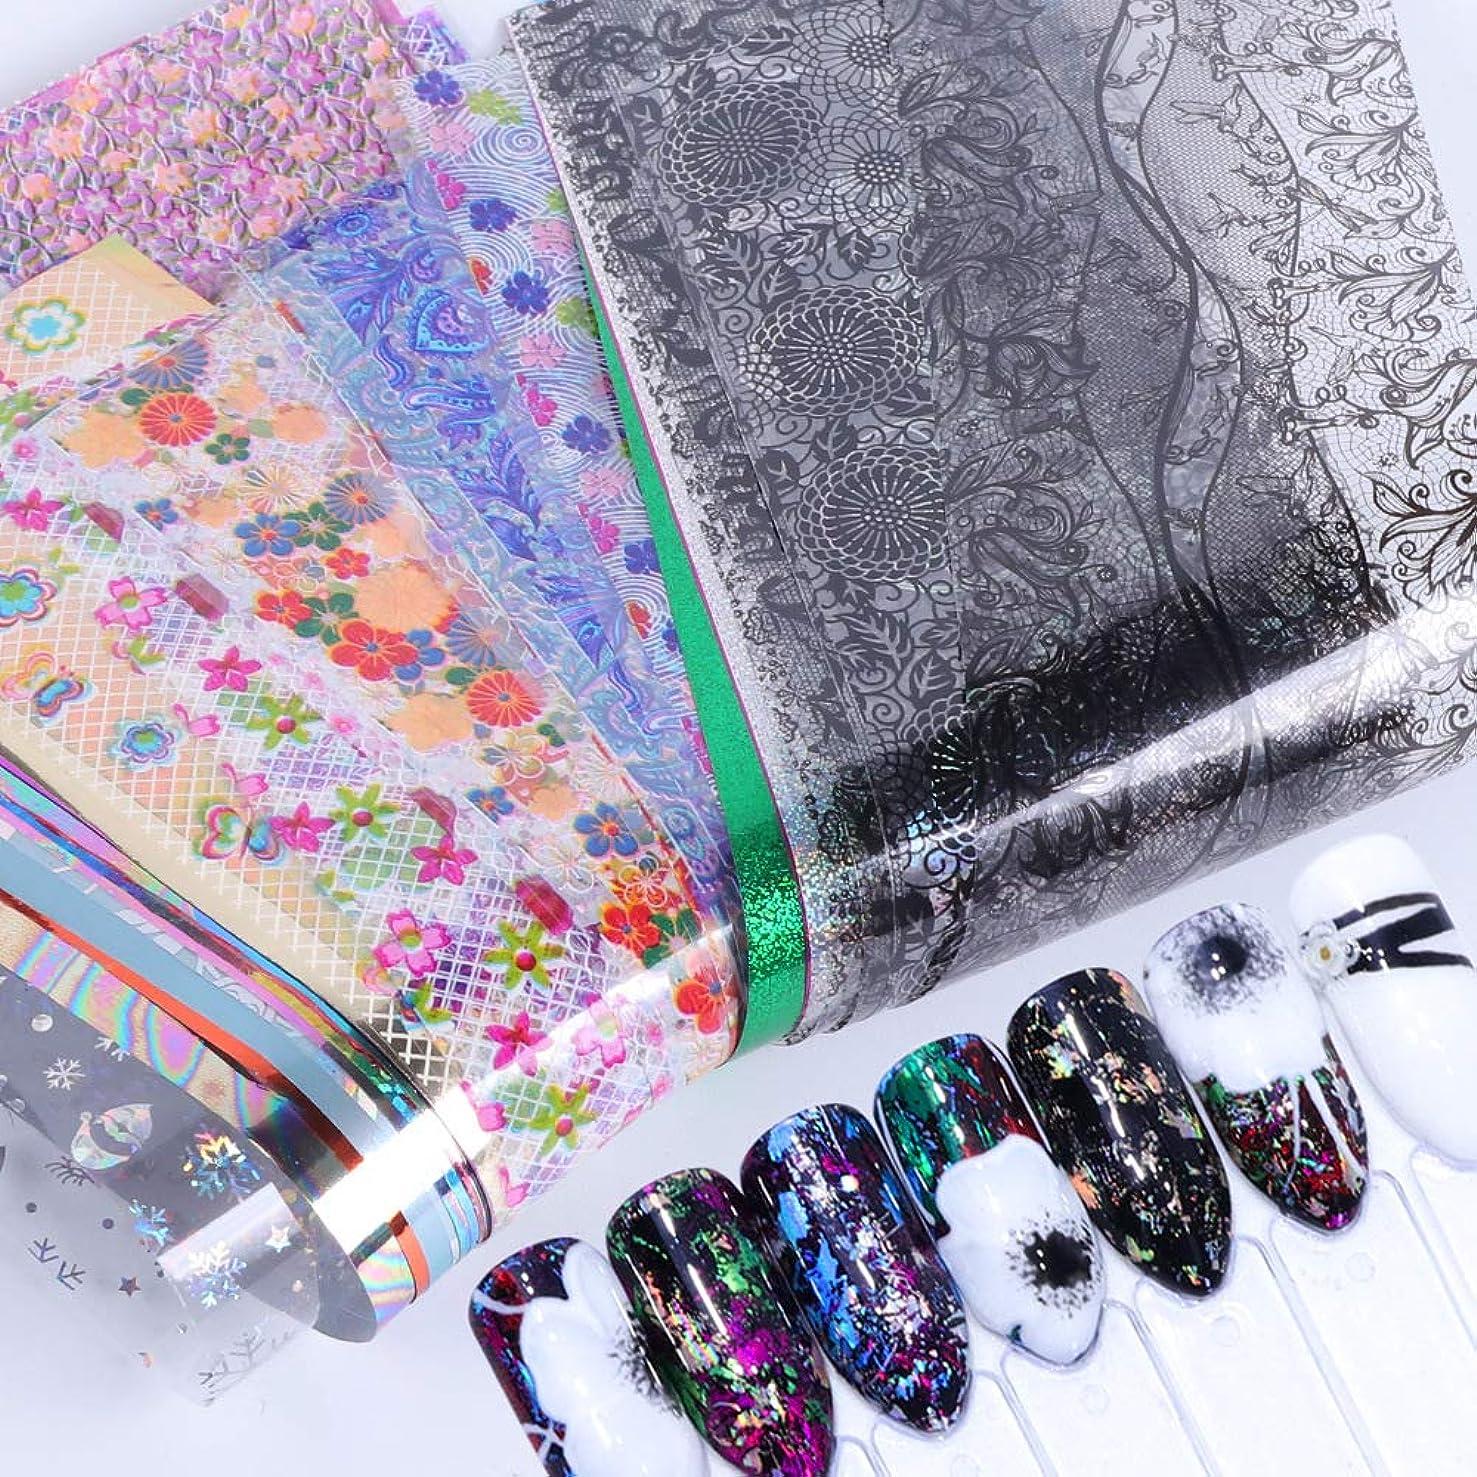 スチュワーデスピッチ老朽化した50個星空スカイスターズネイルアートステッカーのヒントラップ箔転写接着剤グリッターアクリルDIYの装飾(ランダムカラーパターン)